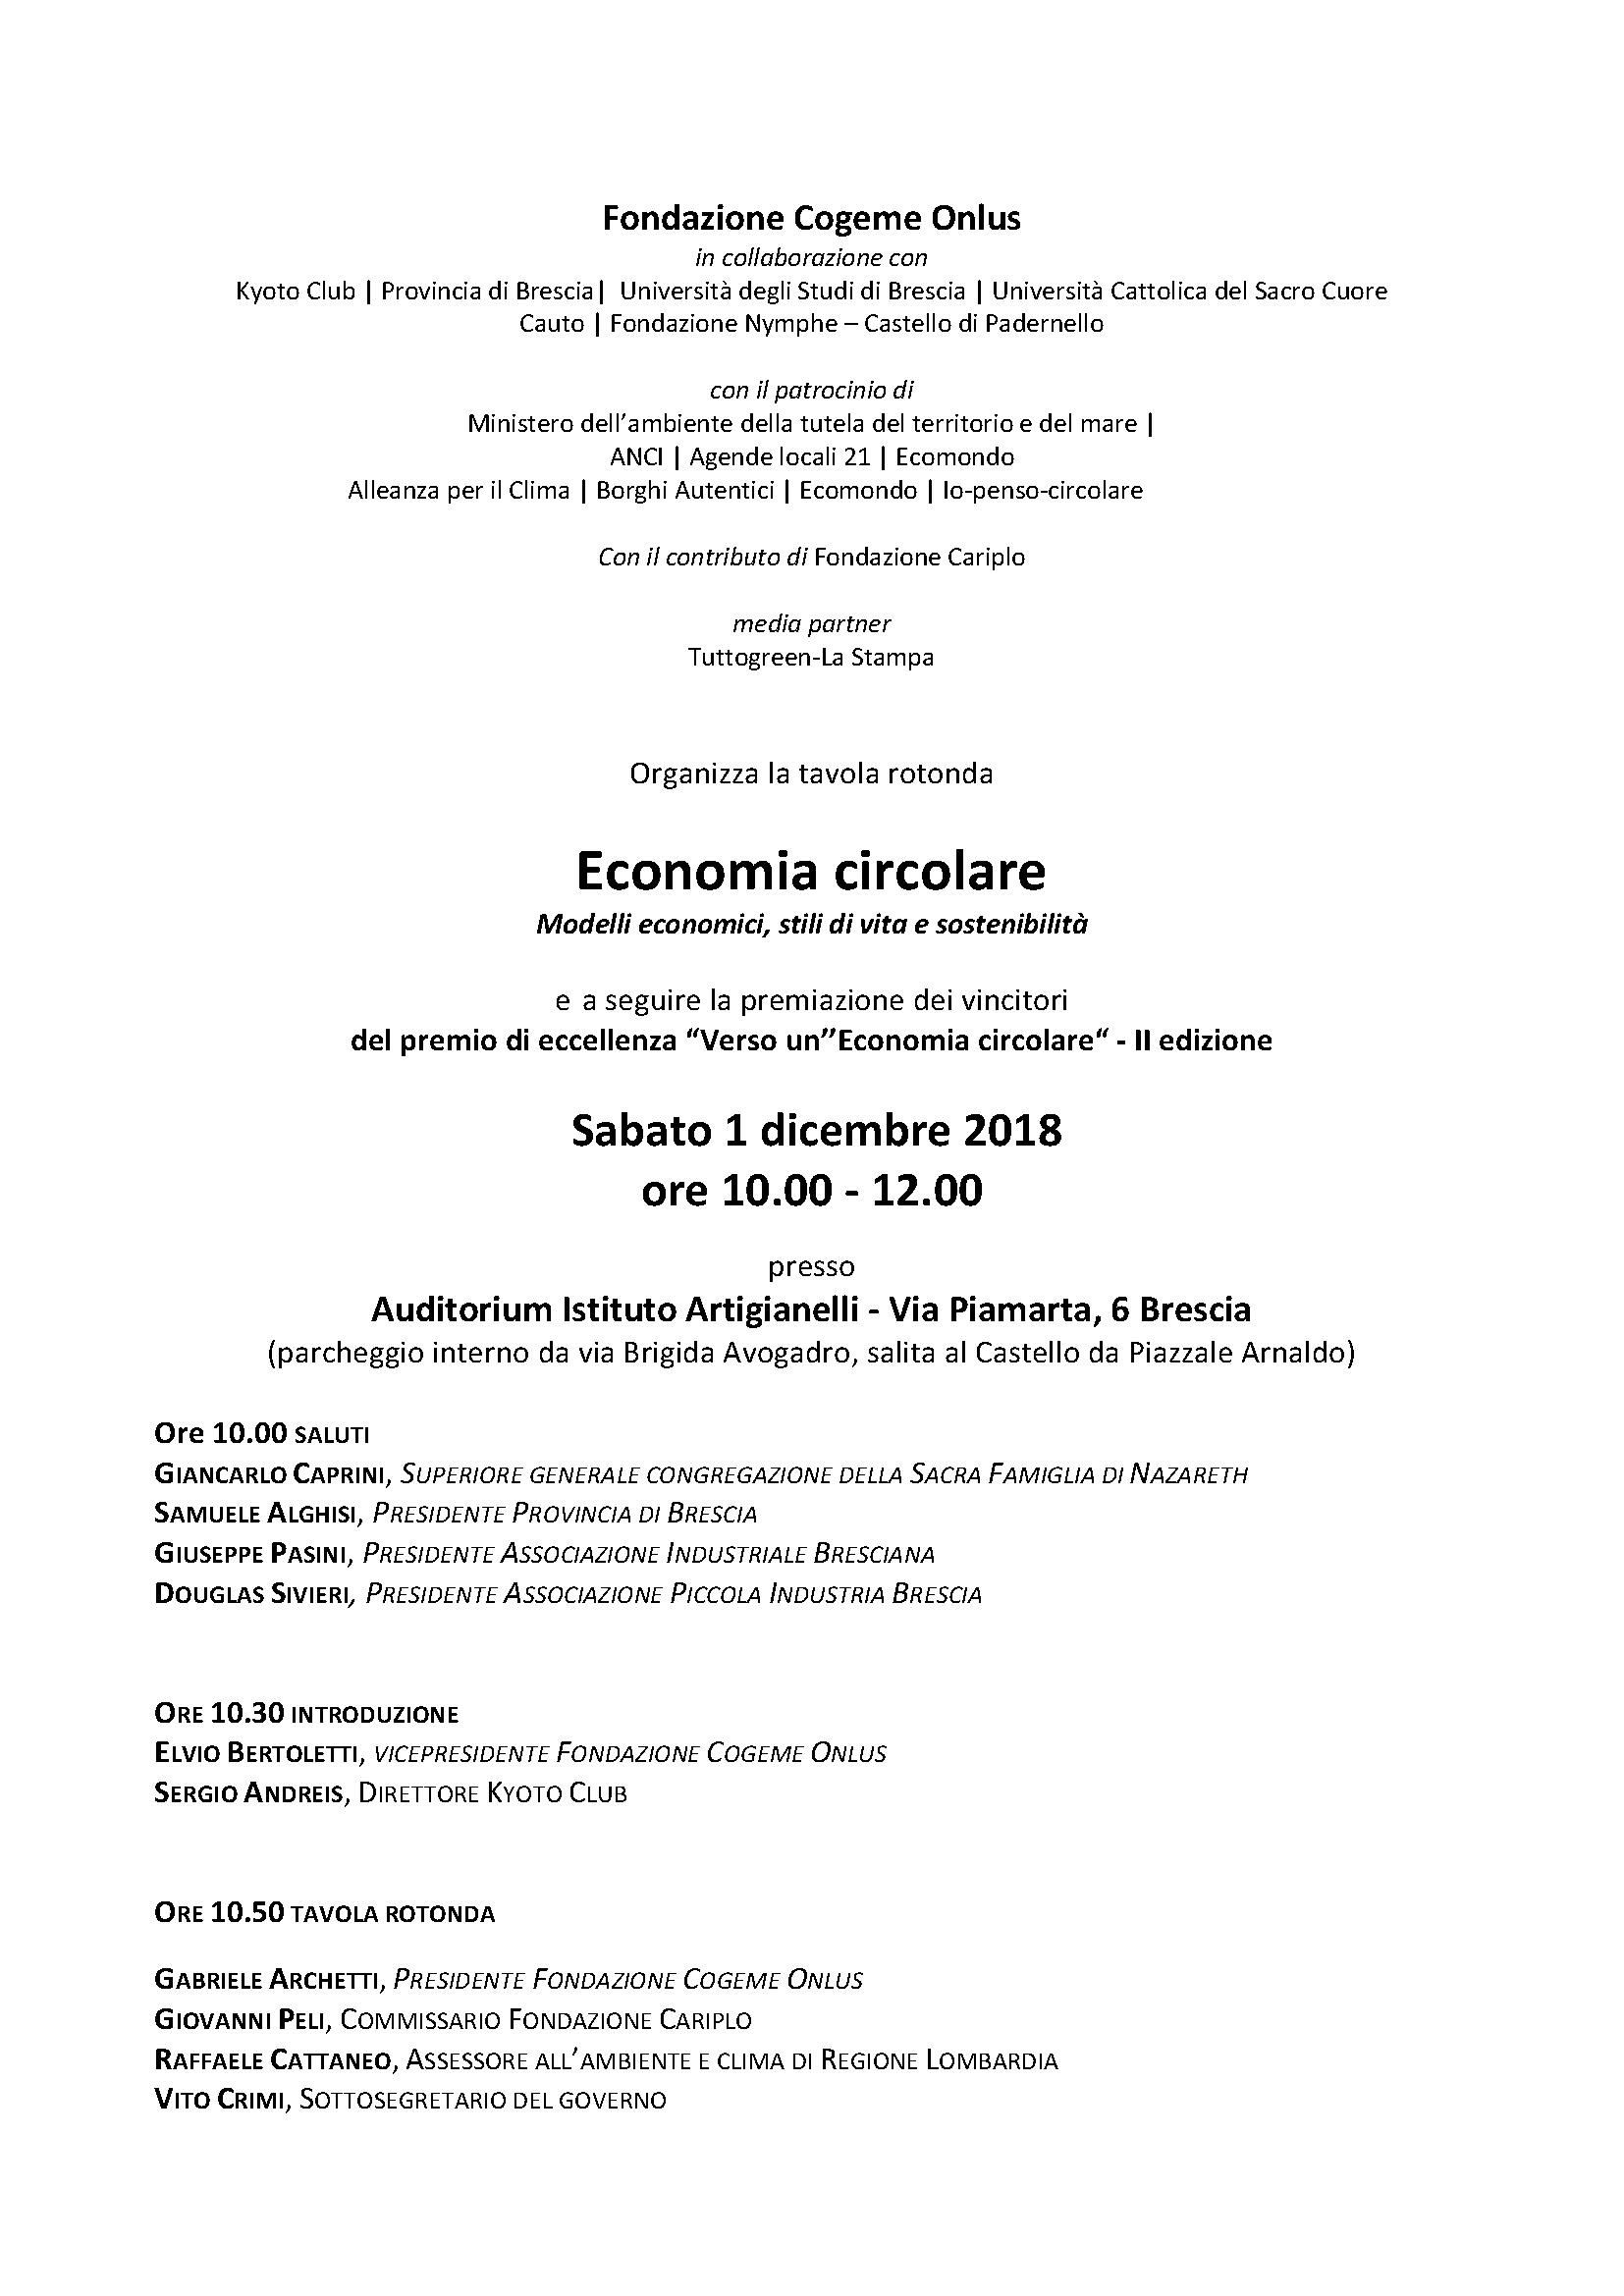 Evento premiazione eccellenze eco circolare_1dic2018_def_Pagina_1